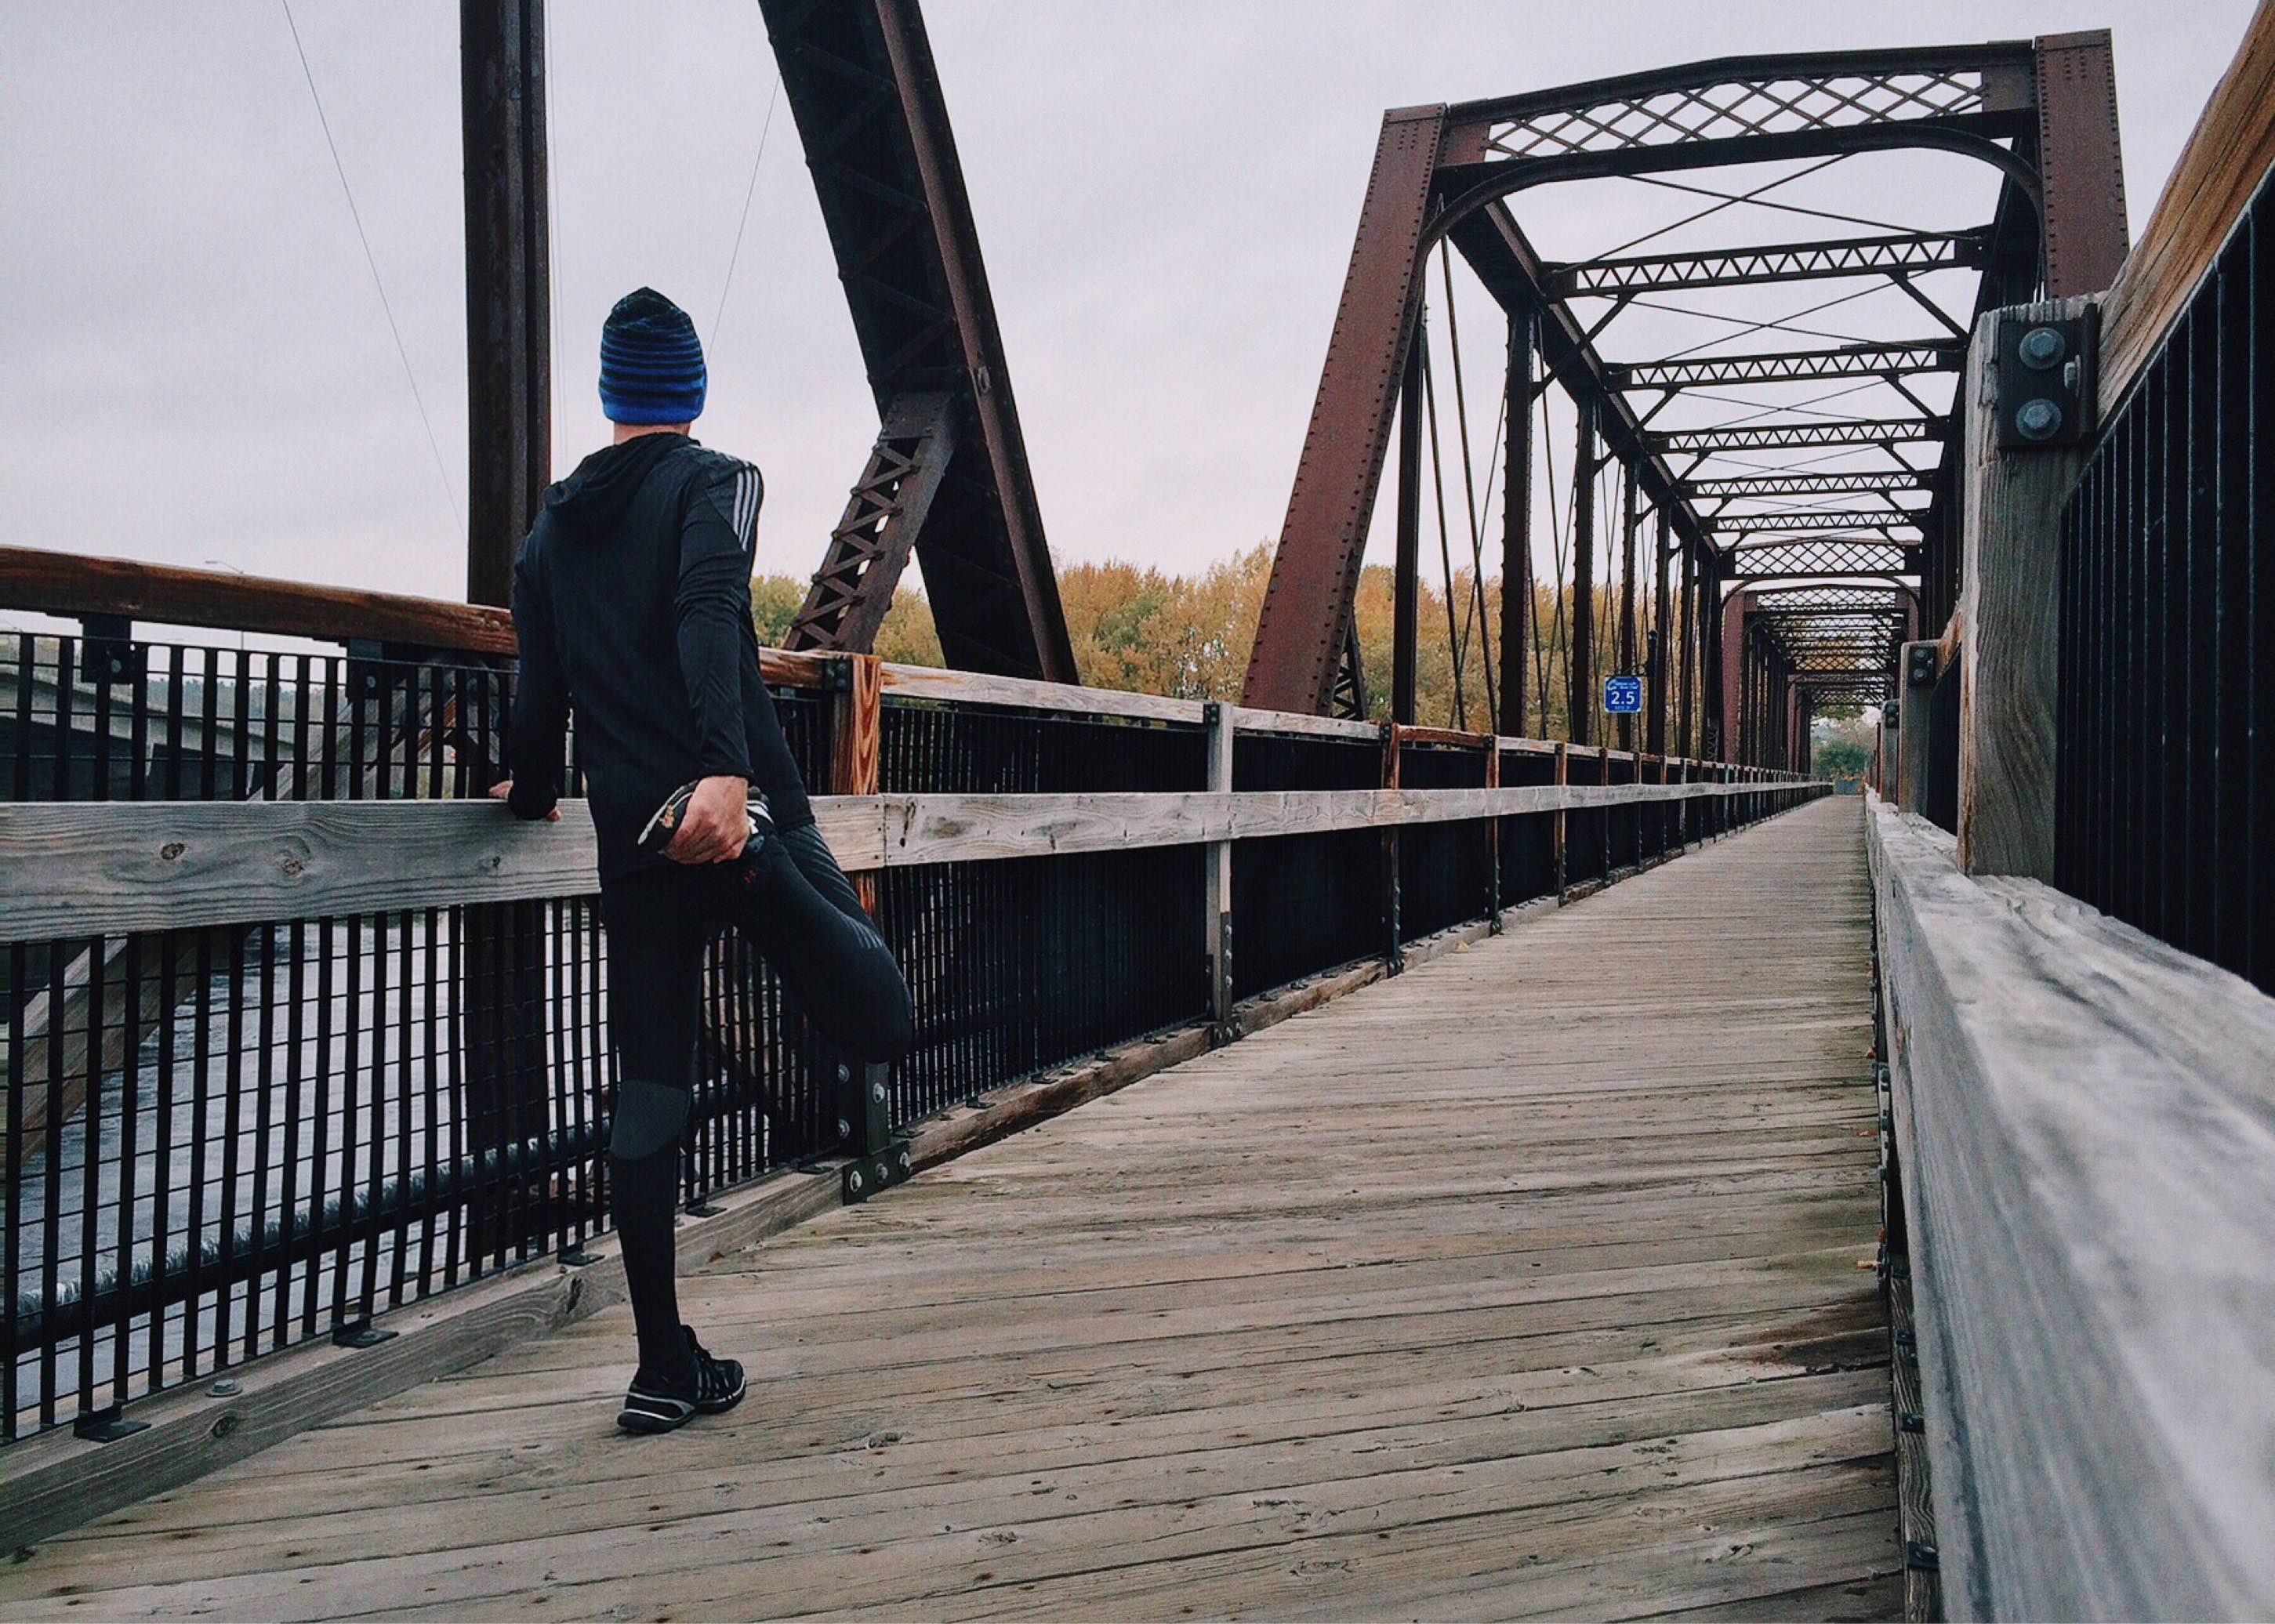 løpe ute om vinteren